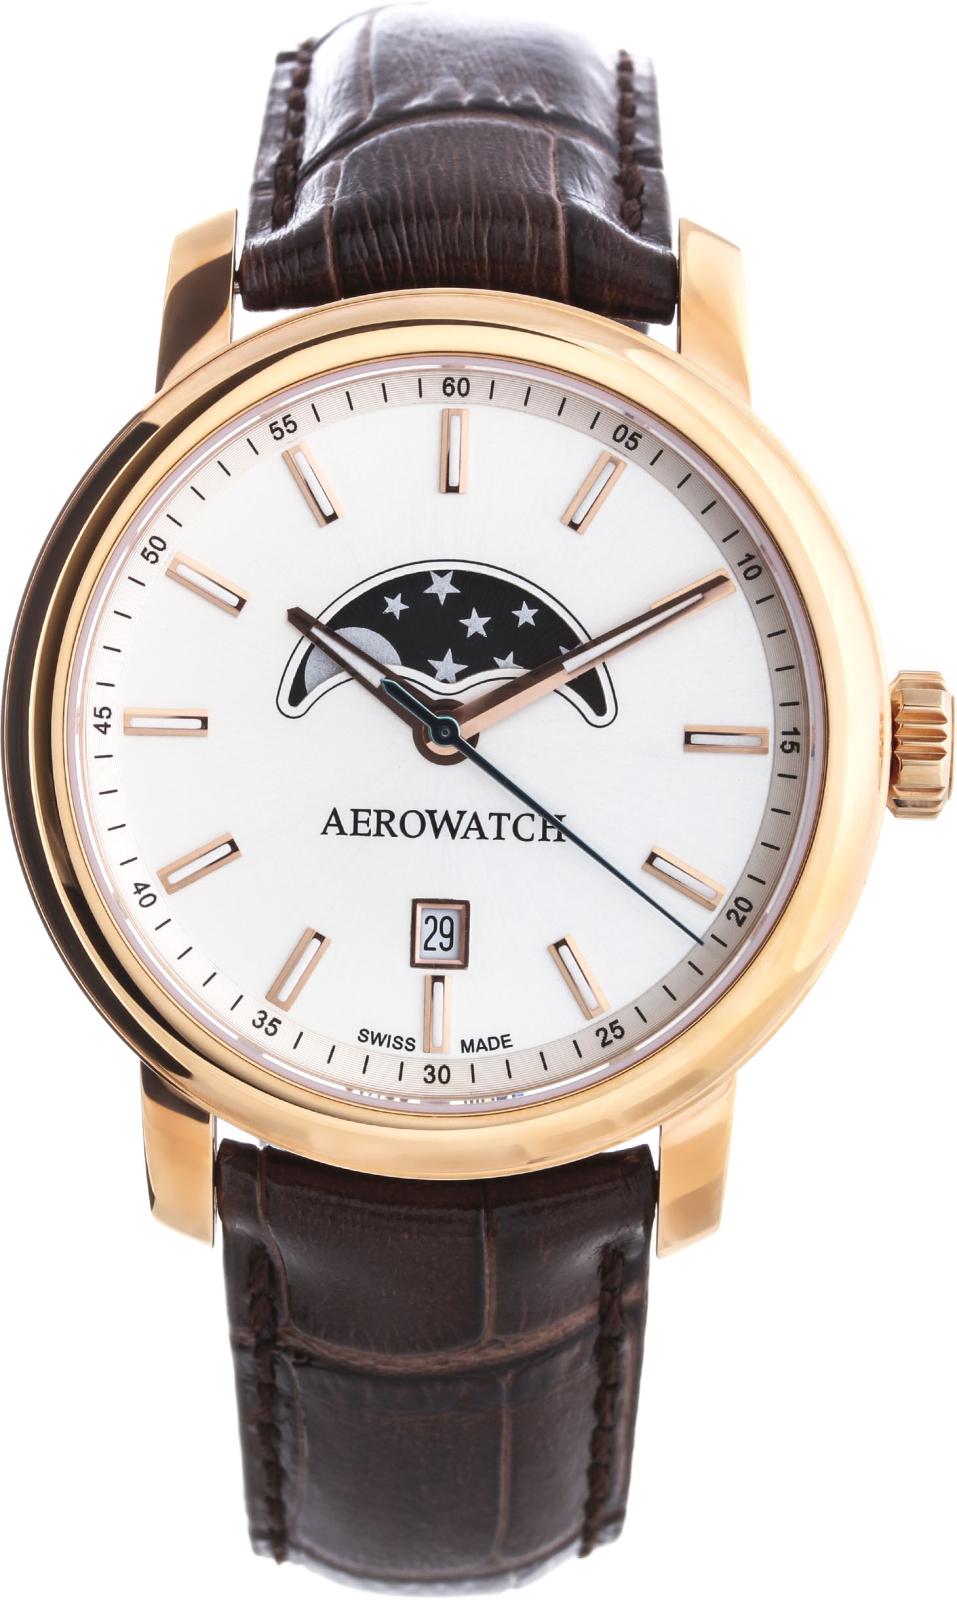 Aerowatch Renaissance 08937 RO01Наручные часы<br>Швейцарские часы Aerowatch Renaissance 08937 RO01<br><br>Пол: Мужские<br>Страна-производитель: Швейцария<br>Механизм: Кварцевый<br>Материал корпуса: Сталь<br>Материал ремня/браслета: Кожа<br>Водозащита, диапазон: None<br>Стекло: Сапфировое<br>Толщина корпуса: None<br>Стиль: None